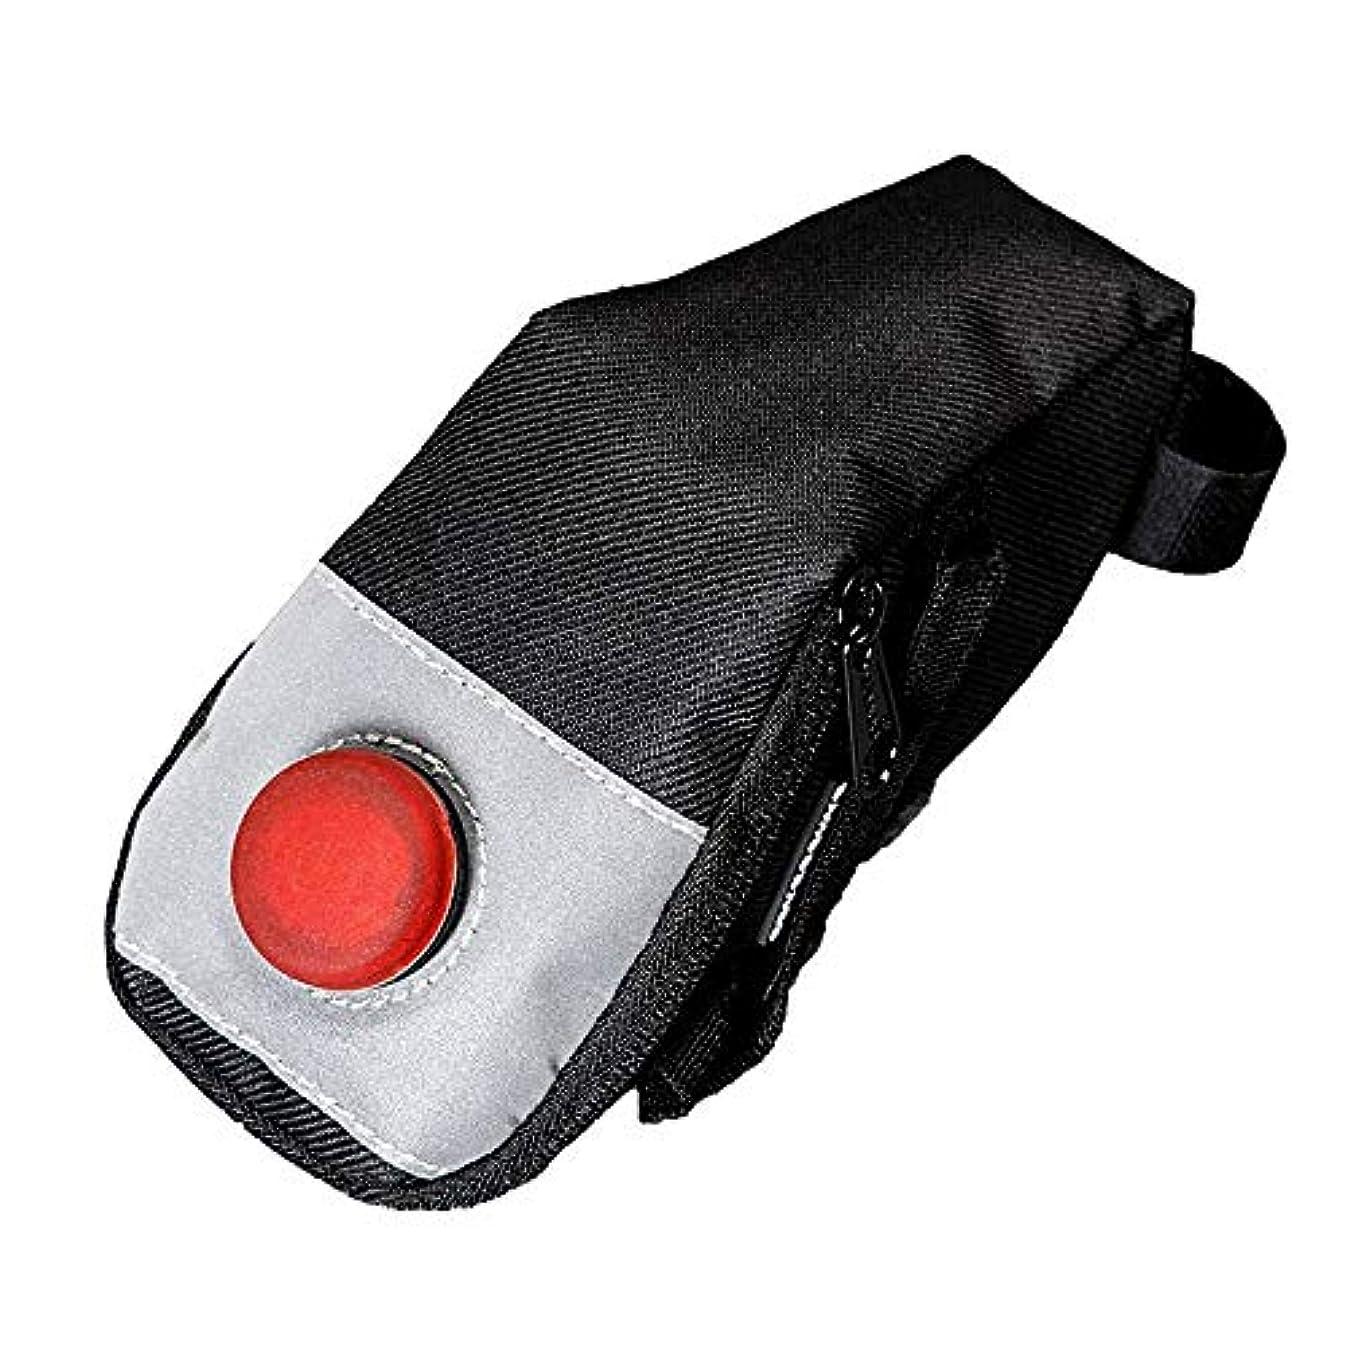 減少東部フルート自転車シートパックバッグ 屋外サイクリング用テールライトフック付きマウンテンバイクシートパックバッグ 自転車サドルバッグ (Color : Black 1, Size : 18.5*6*8.5cm)